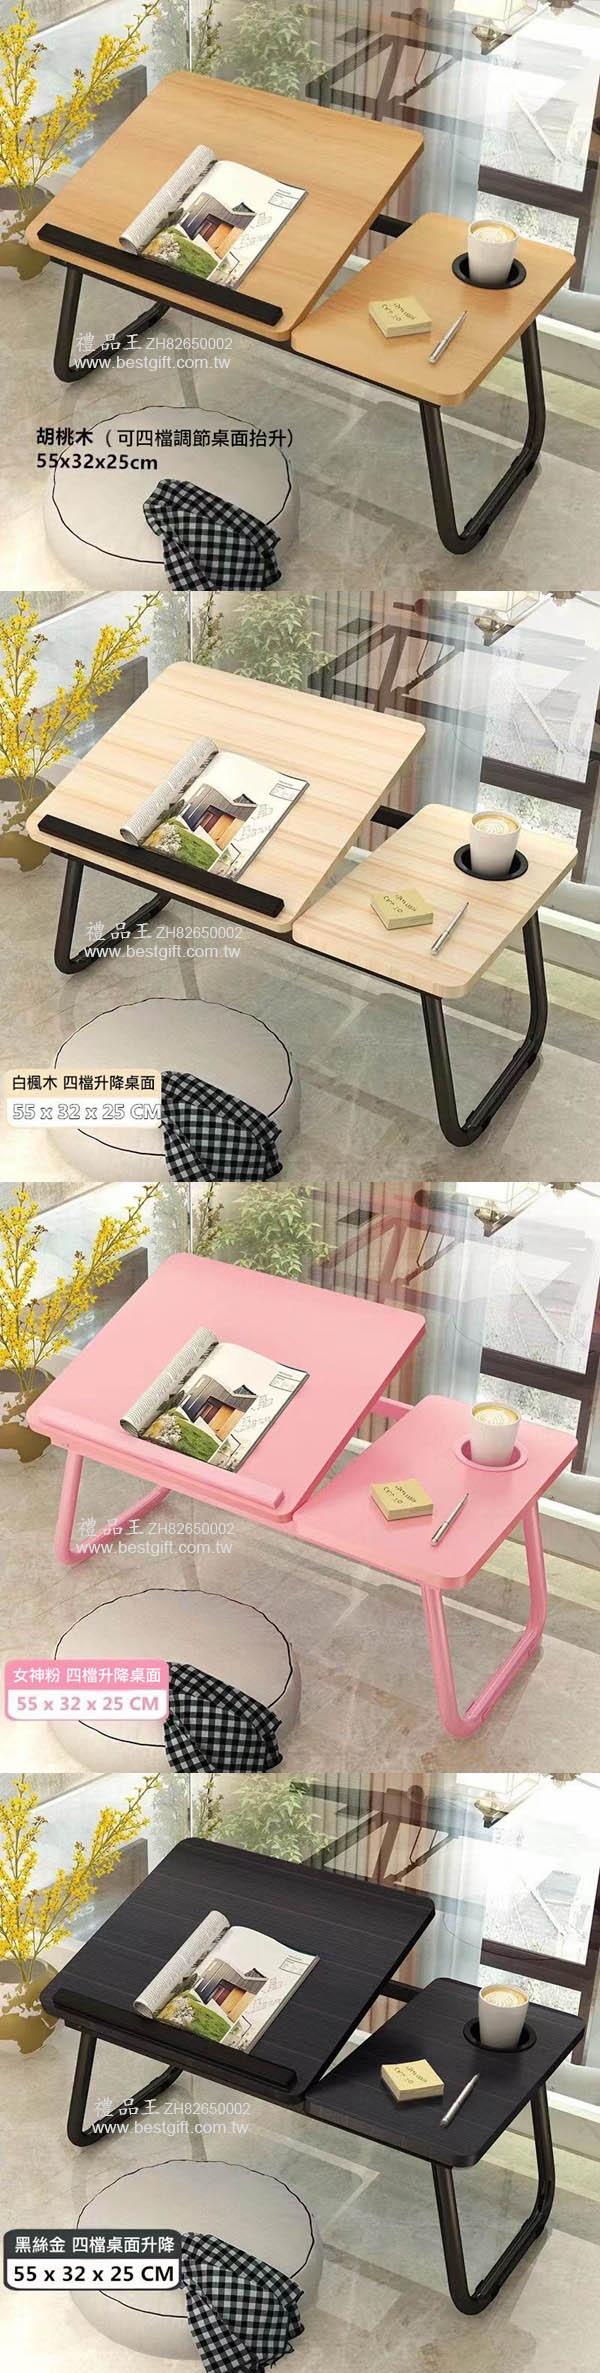 四段可調節多功能摺疊折疊桌  商品貨號: ZH82650002